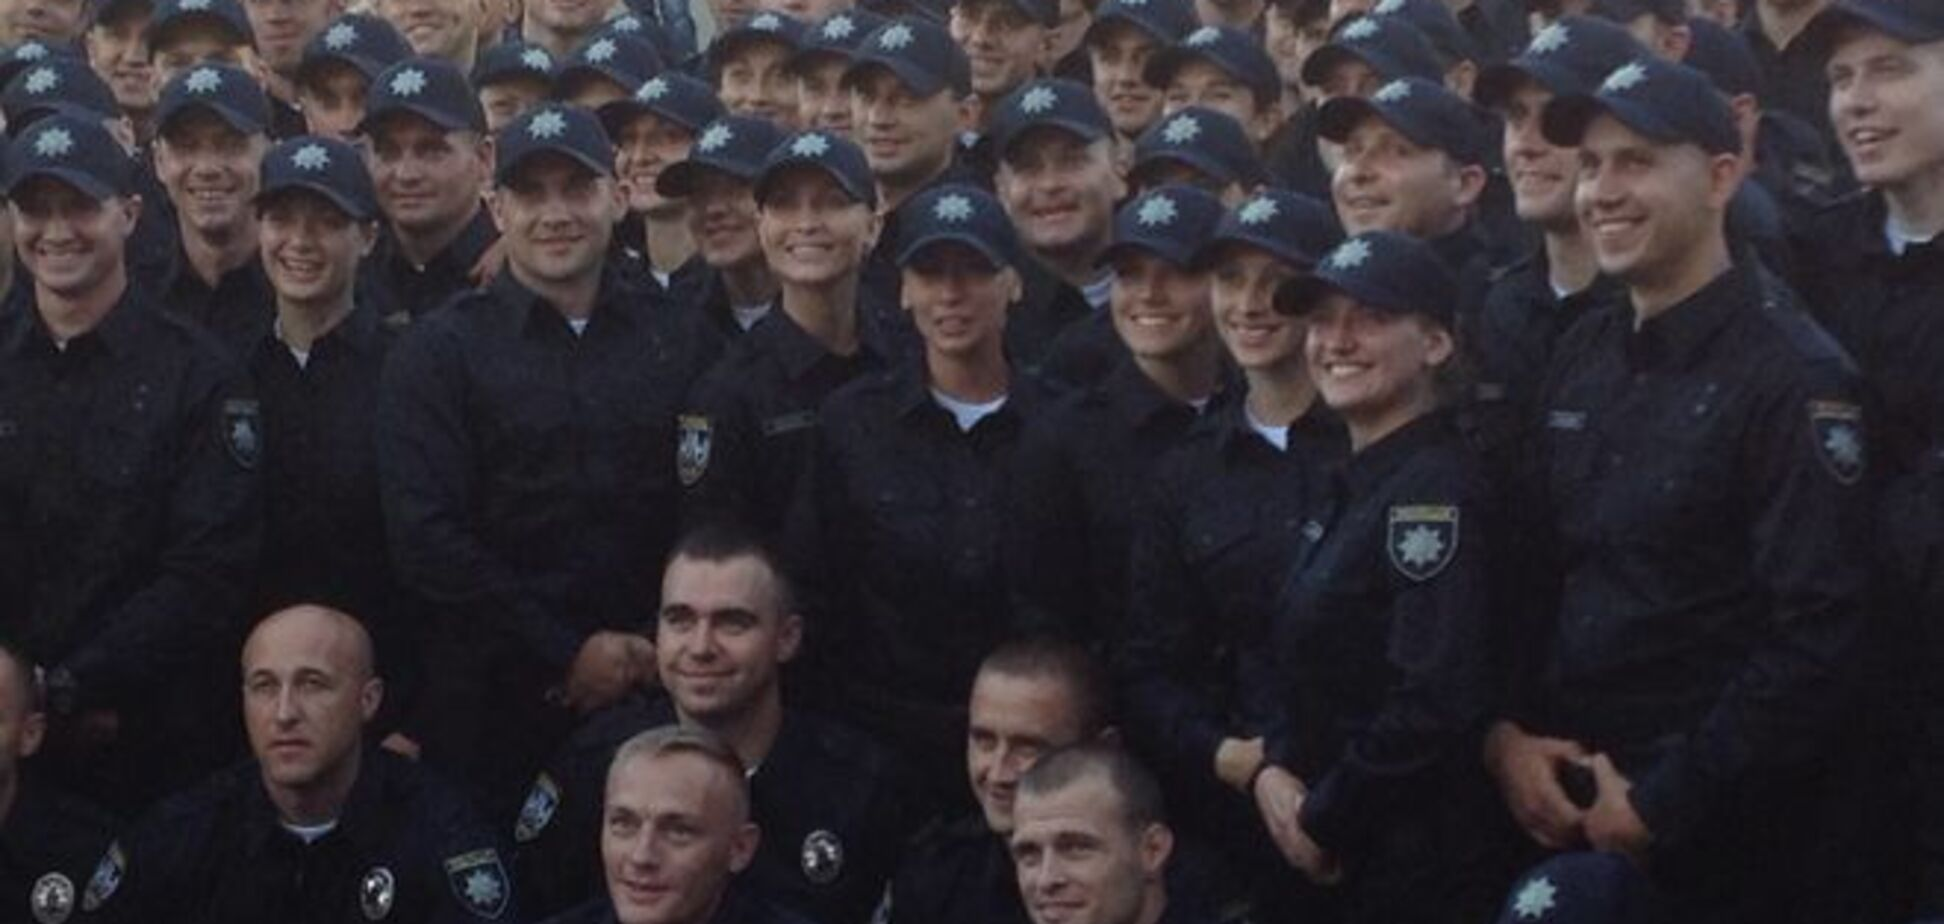 Стало известно, во сколько миллионов обошлась украинцам новая полиция: документ